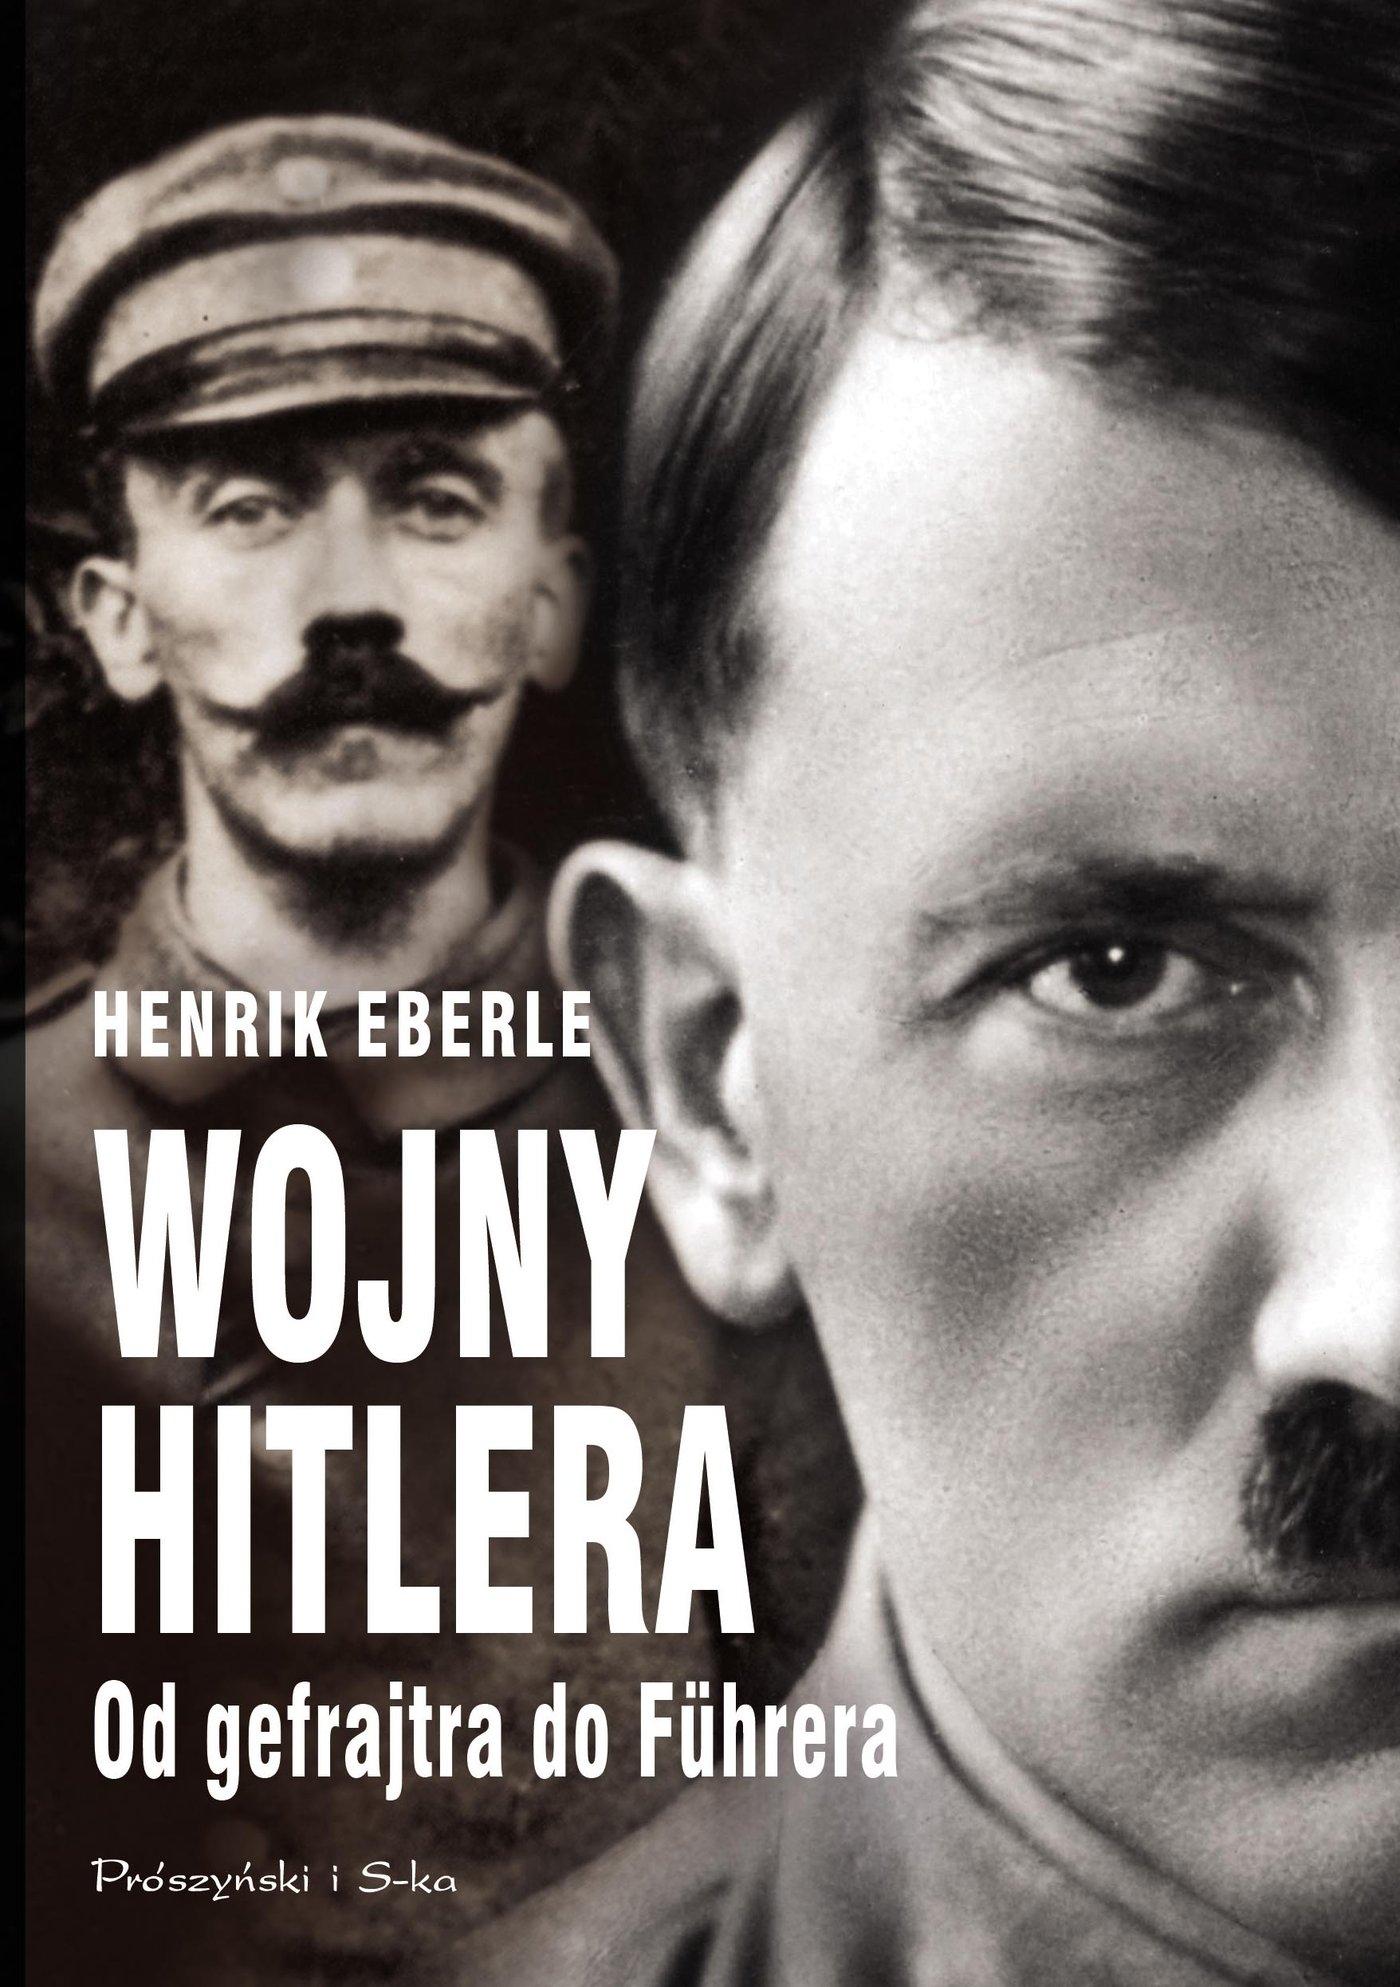 Wojny Hitlera - Ebook (Książka na Kindle) do pobrania w formacie MOBI